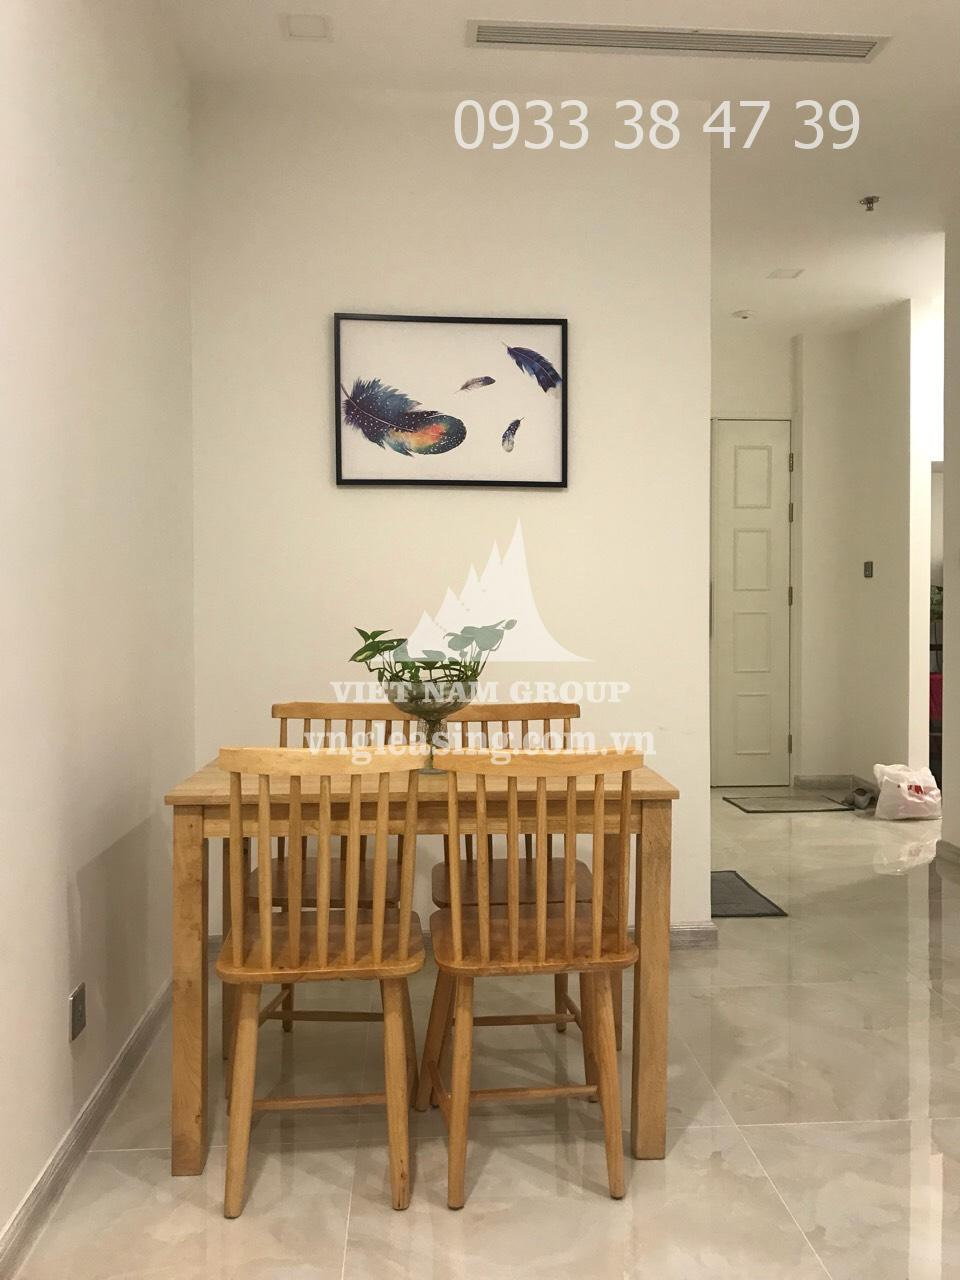 Officetel Vinhomes Golden Bason view nội khu 1 phòng ngủ cần cho thuê